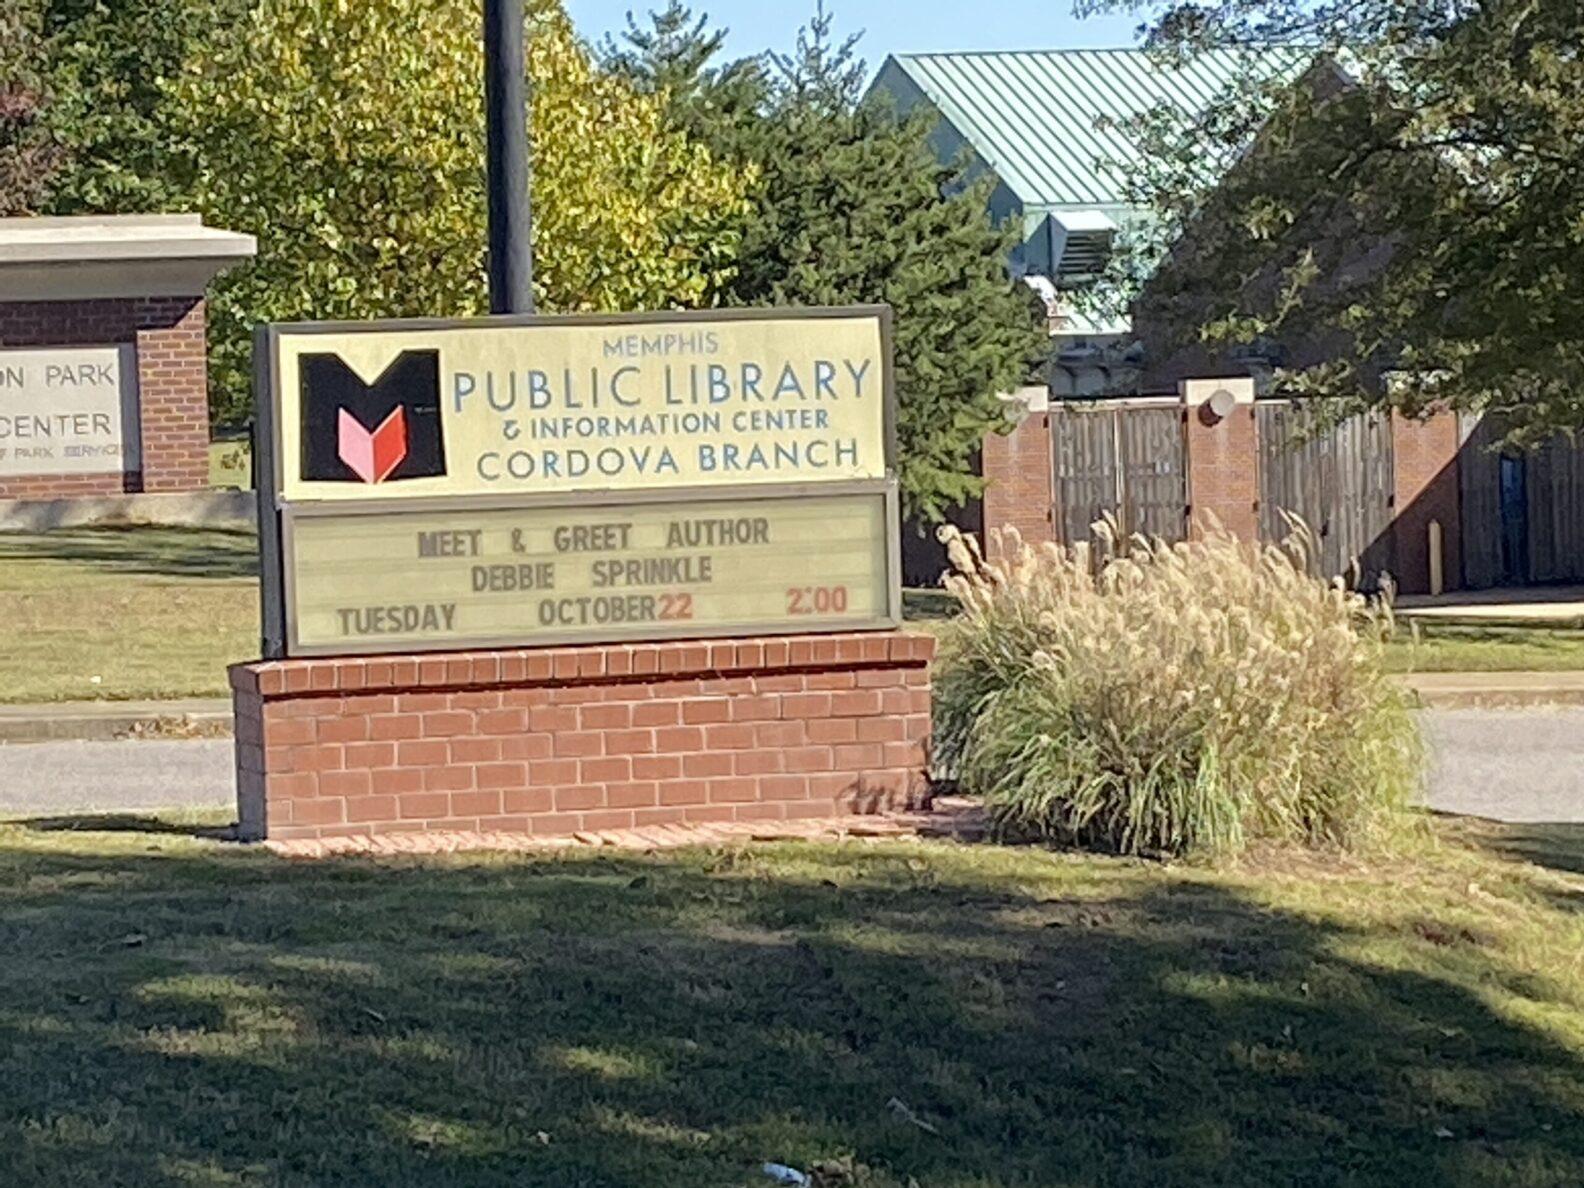 Meet & Greet at Library